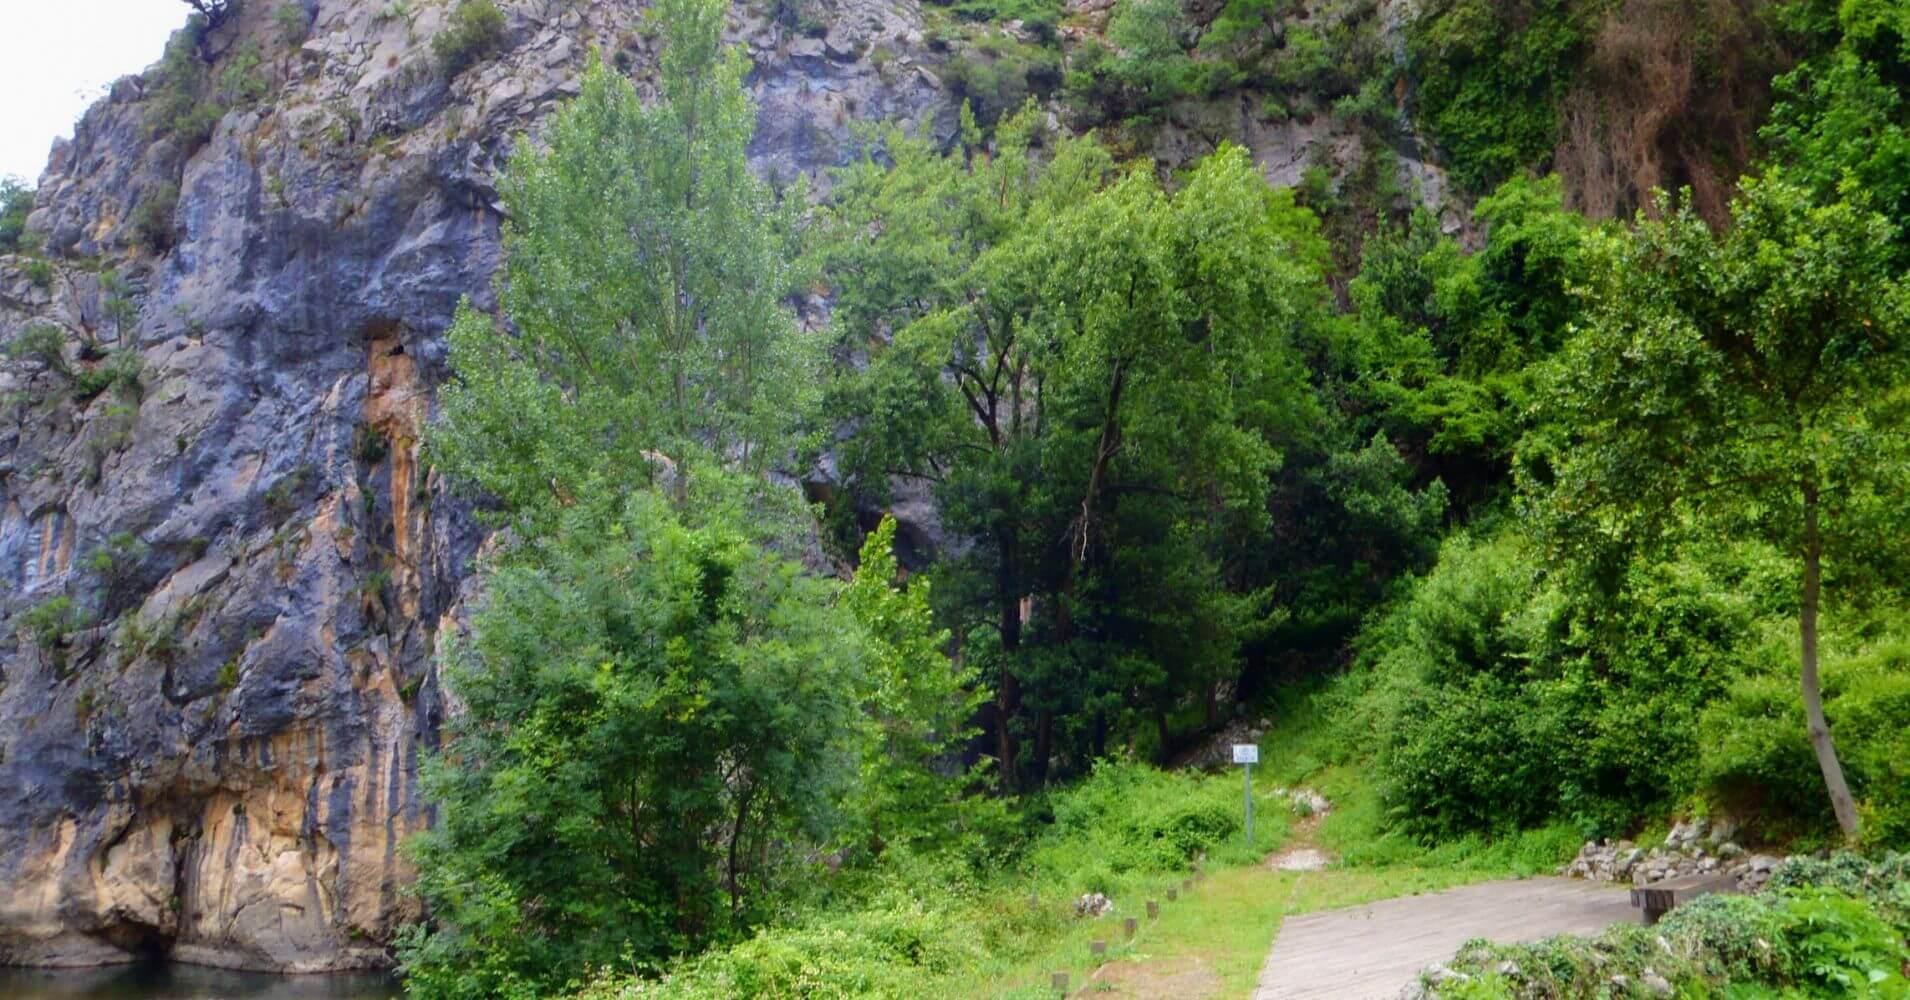 Paredes de la Vía Ferrata Pozo El Milar. Desfiladero de la Hermida. Picos de Europa, Cantabria.